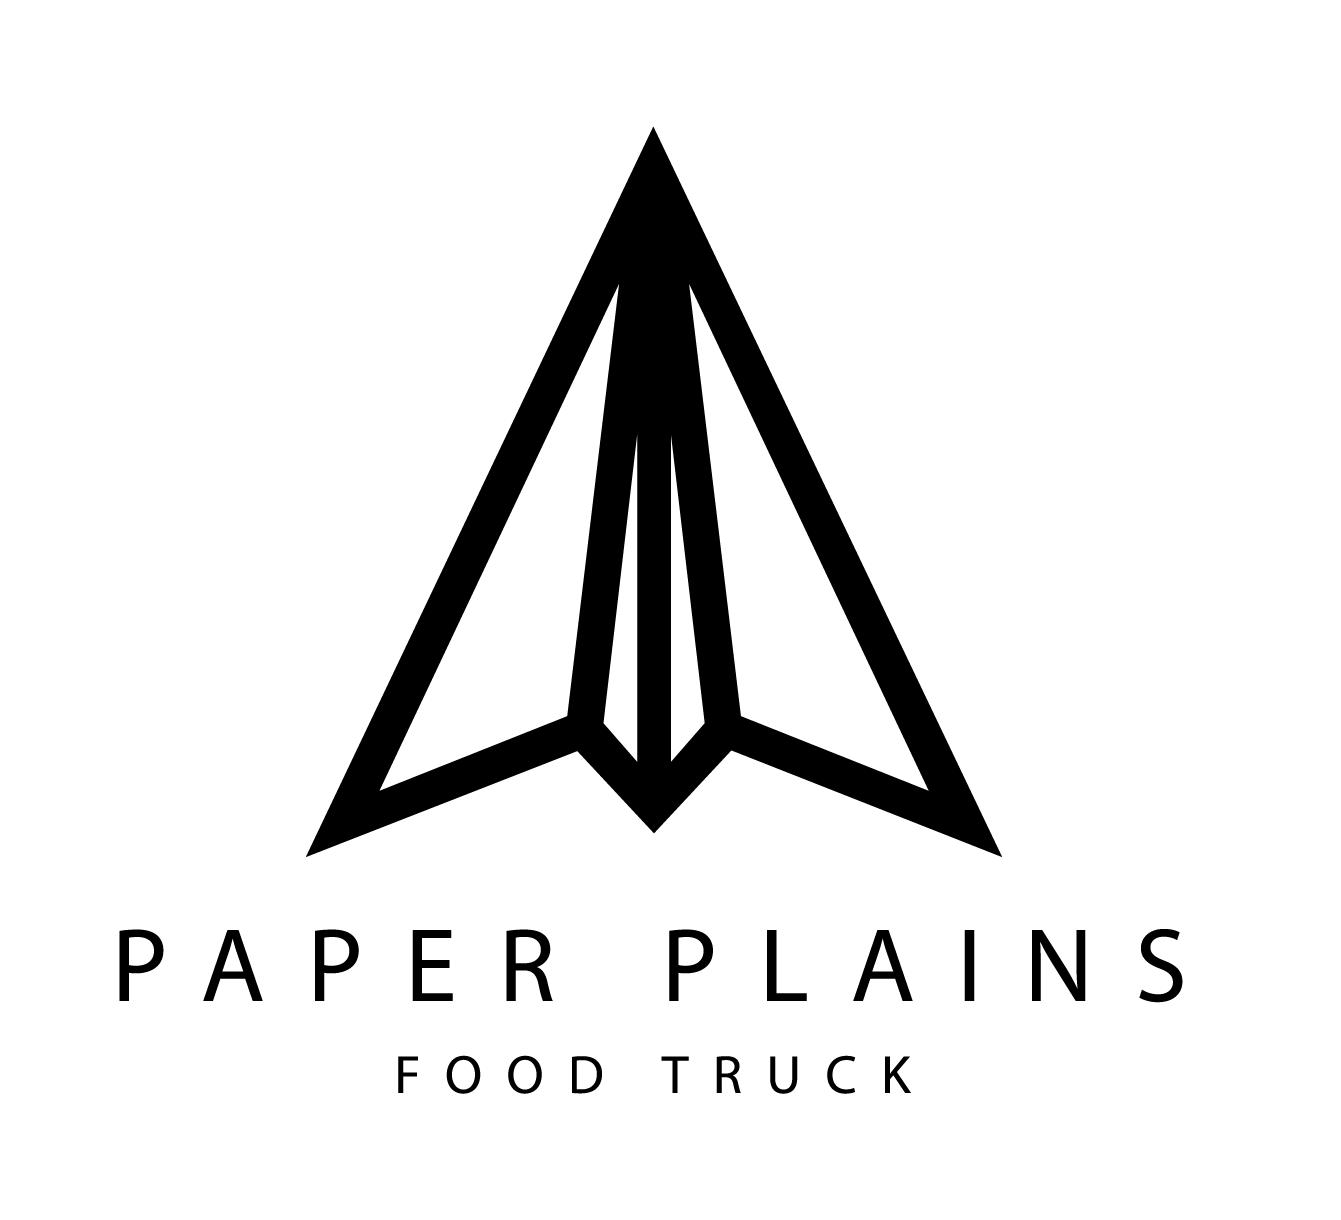 Paper-Plains-black-logo.png